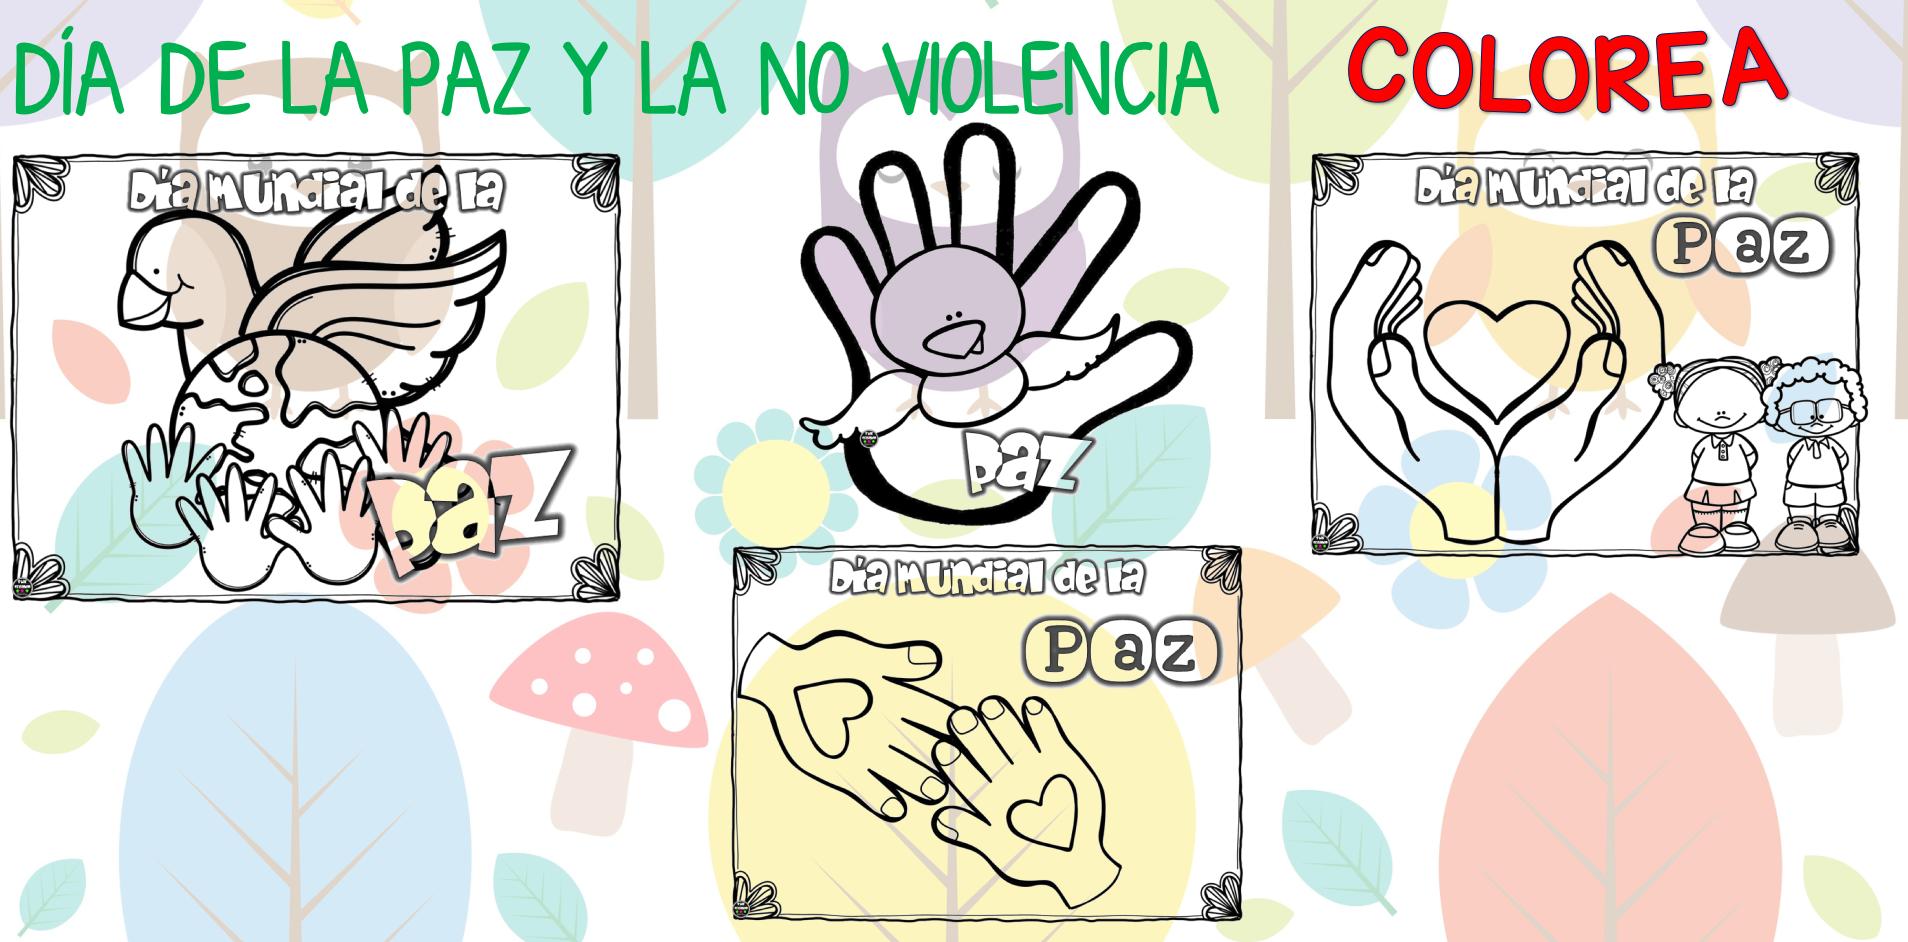 Colorear NiÑos Del Mundo: Día De La PAZ Galería De Dibujos Y CARTELES Niños Del